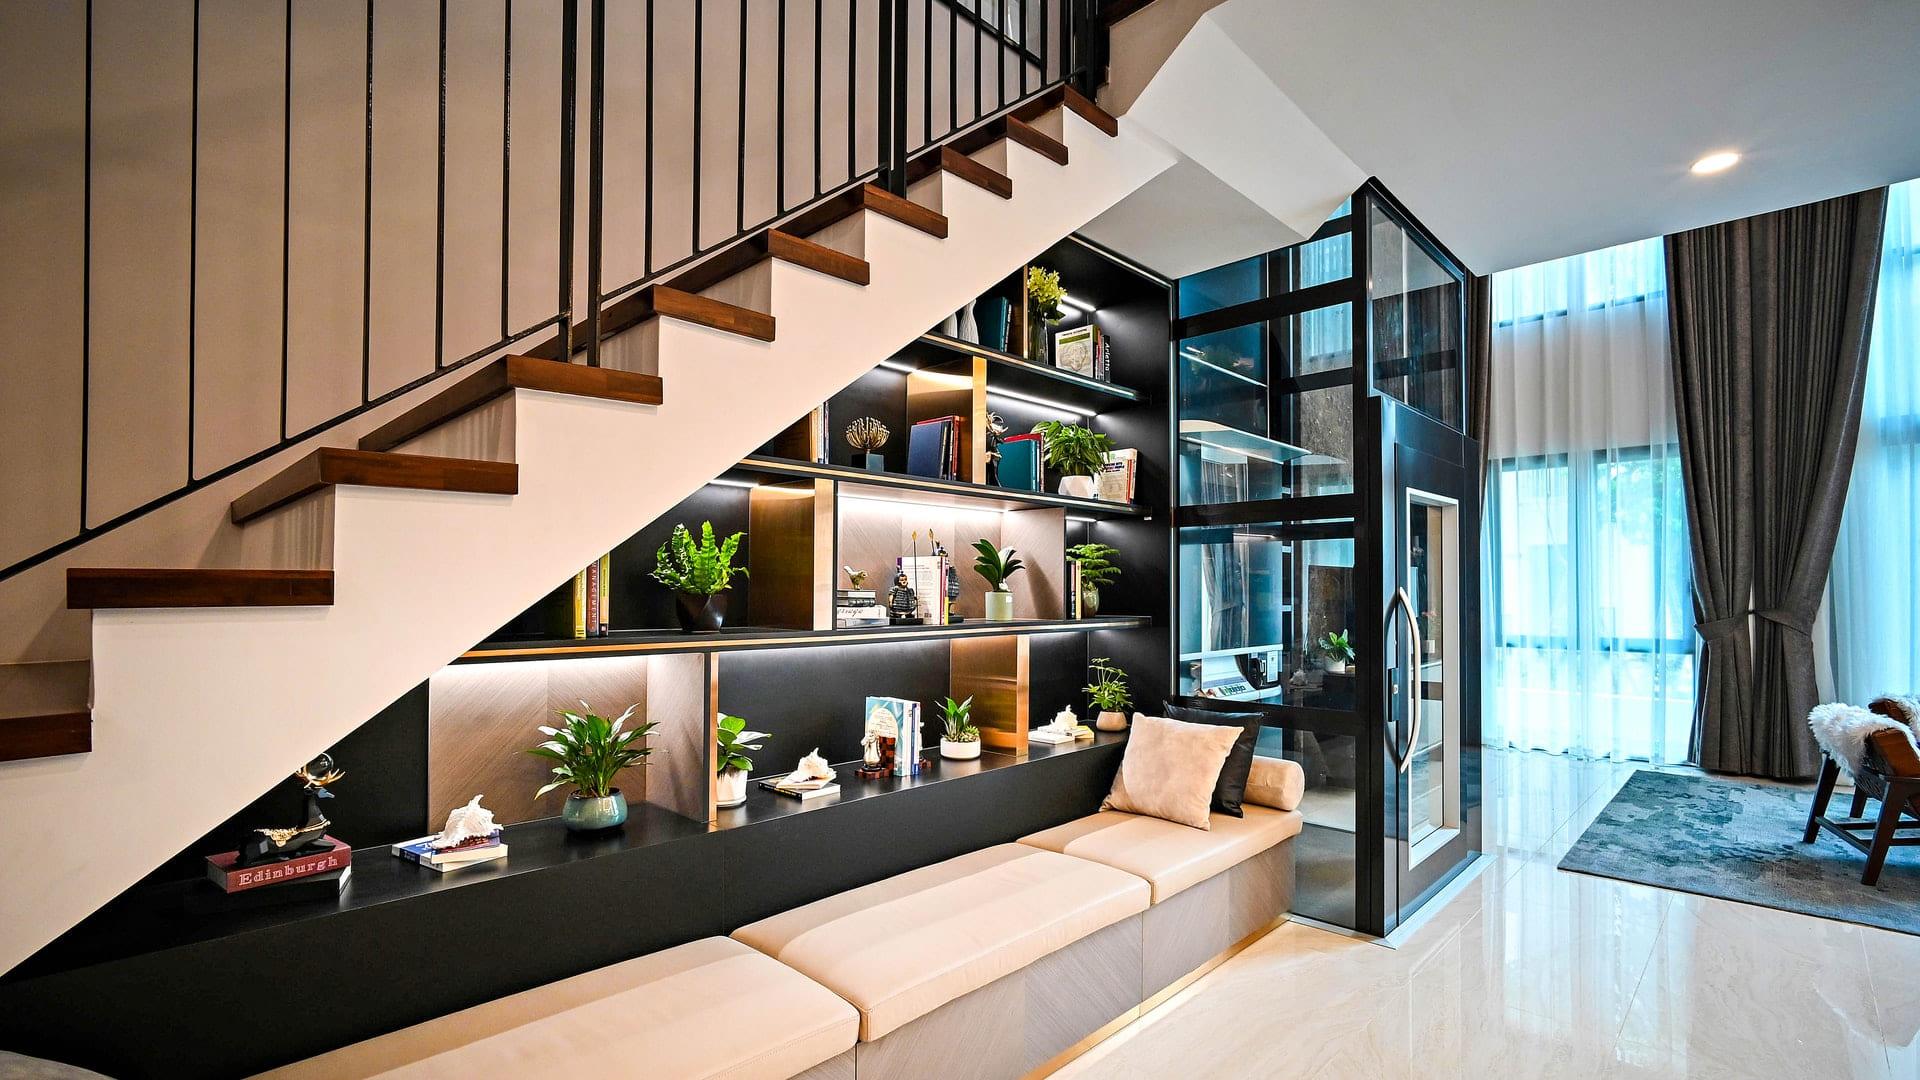 Dicas-de-Decoracao-O-Guia-para-decorar-sua-casa1 (1)